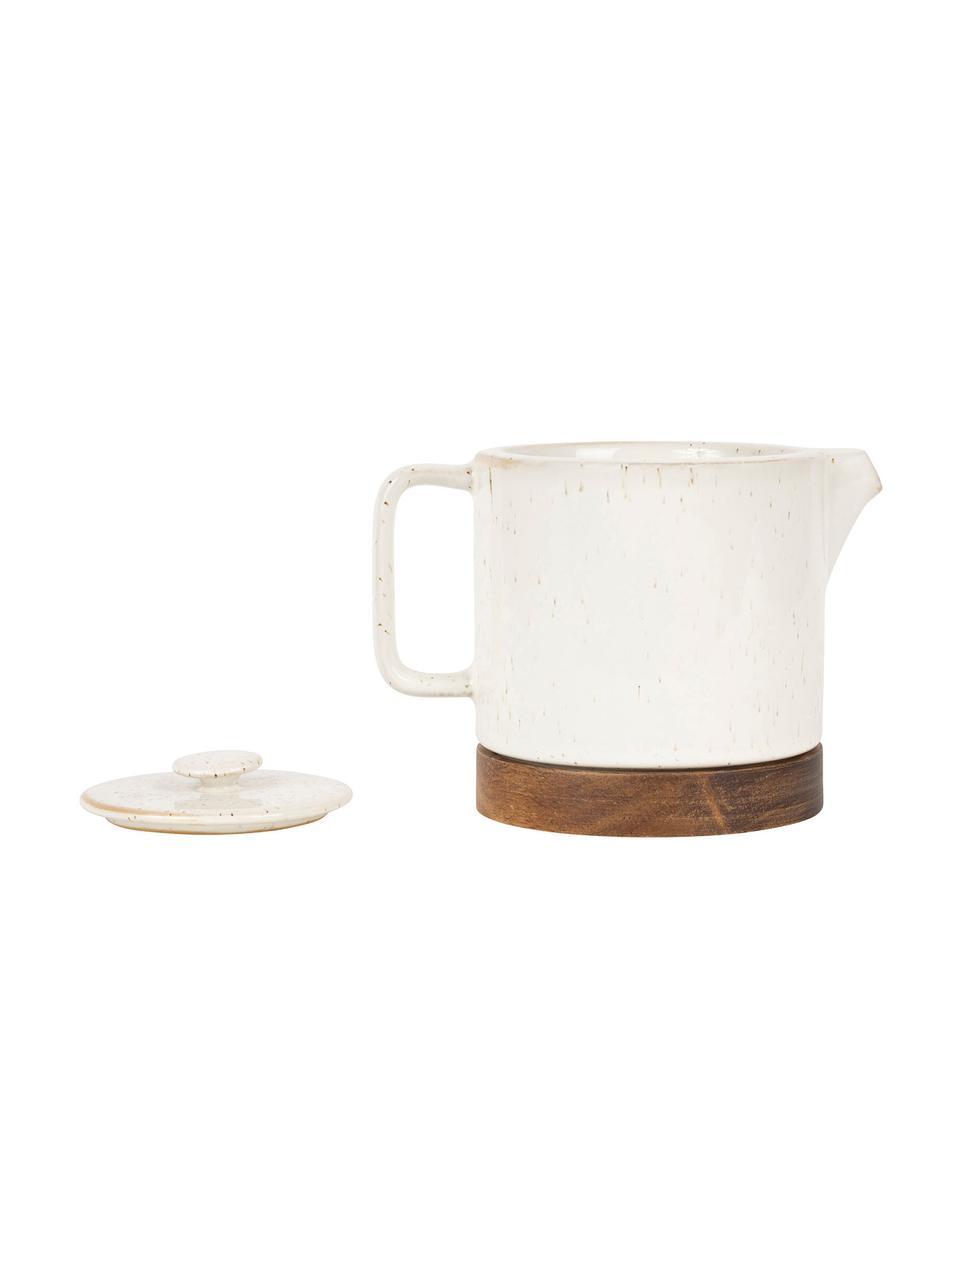 Steingut Teekanne Nordika mit Akazienholzsockel, 700 ml, Steingut, Akazienholz, Weiß, Braun, 700 ml